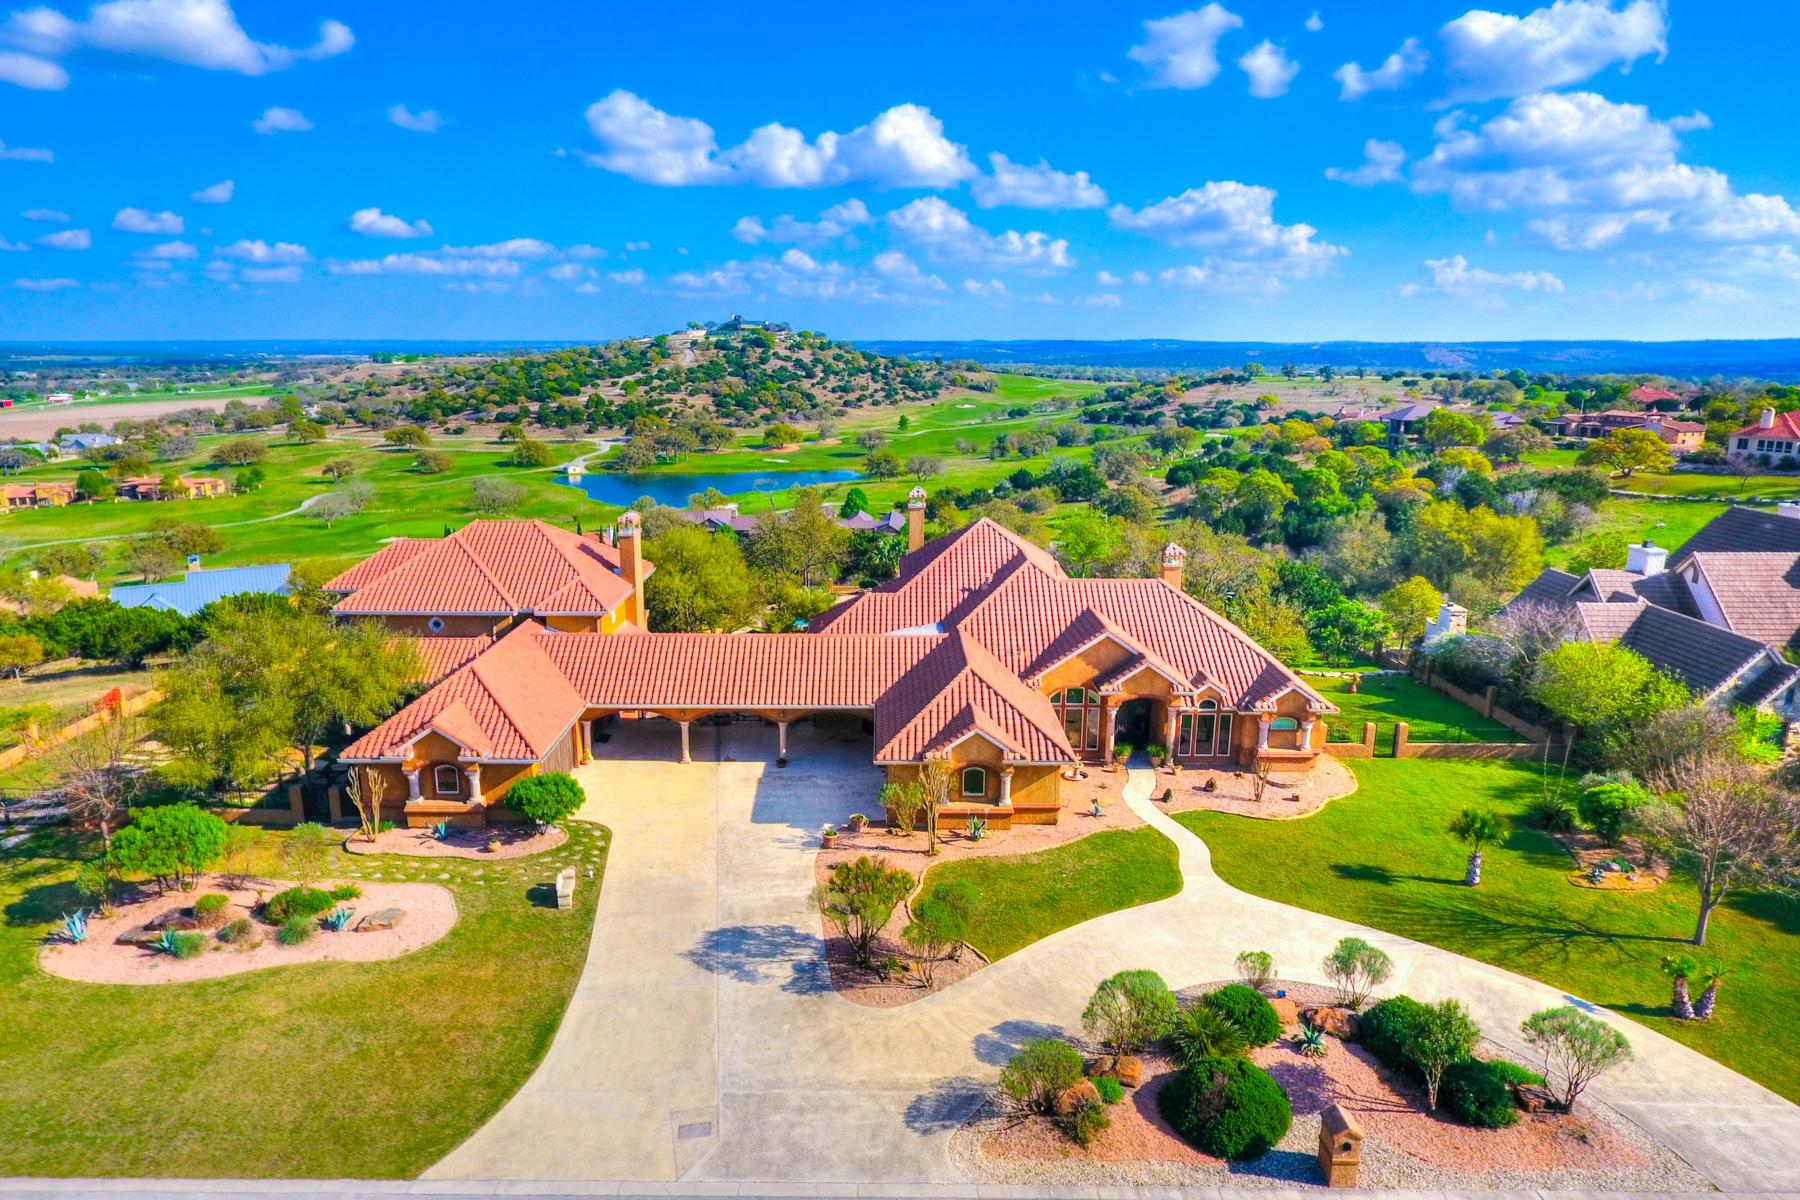 Casa Unifamiliar por un Venta en Breathtaking Views in Comanche Trail 3621 Ranch View Ct E Kerrville, Texas 78028 Estados Unidos